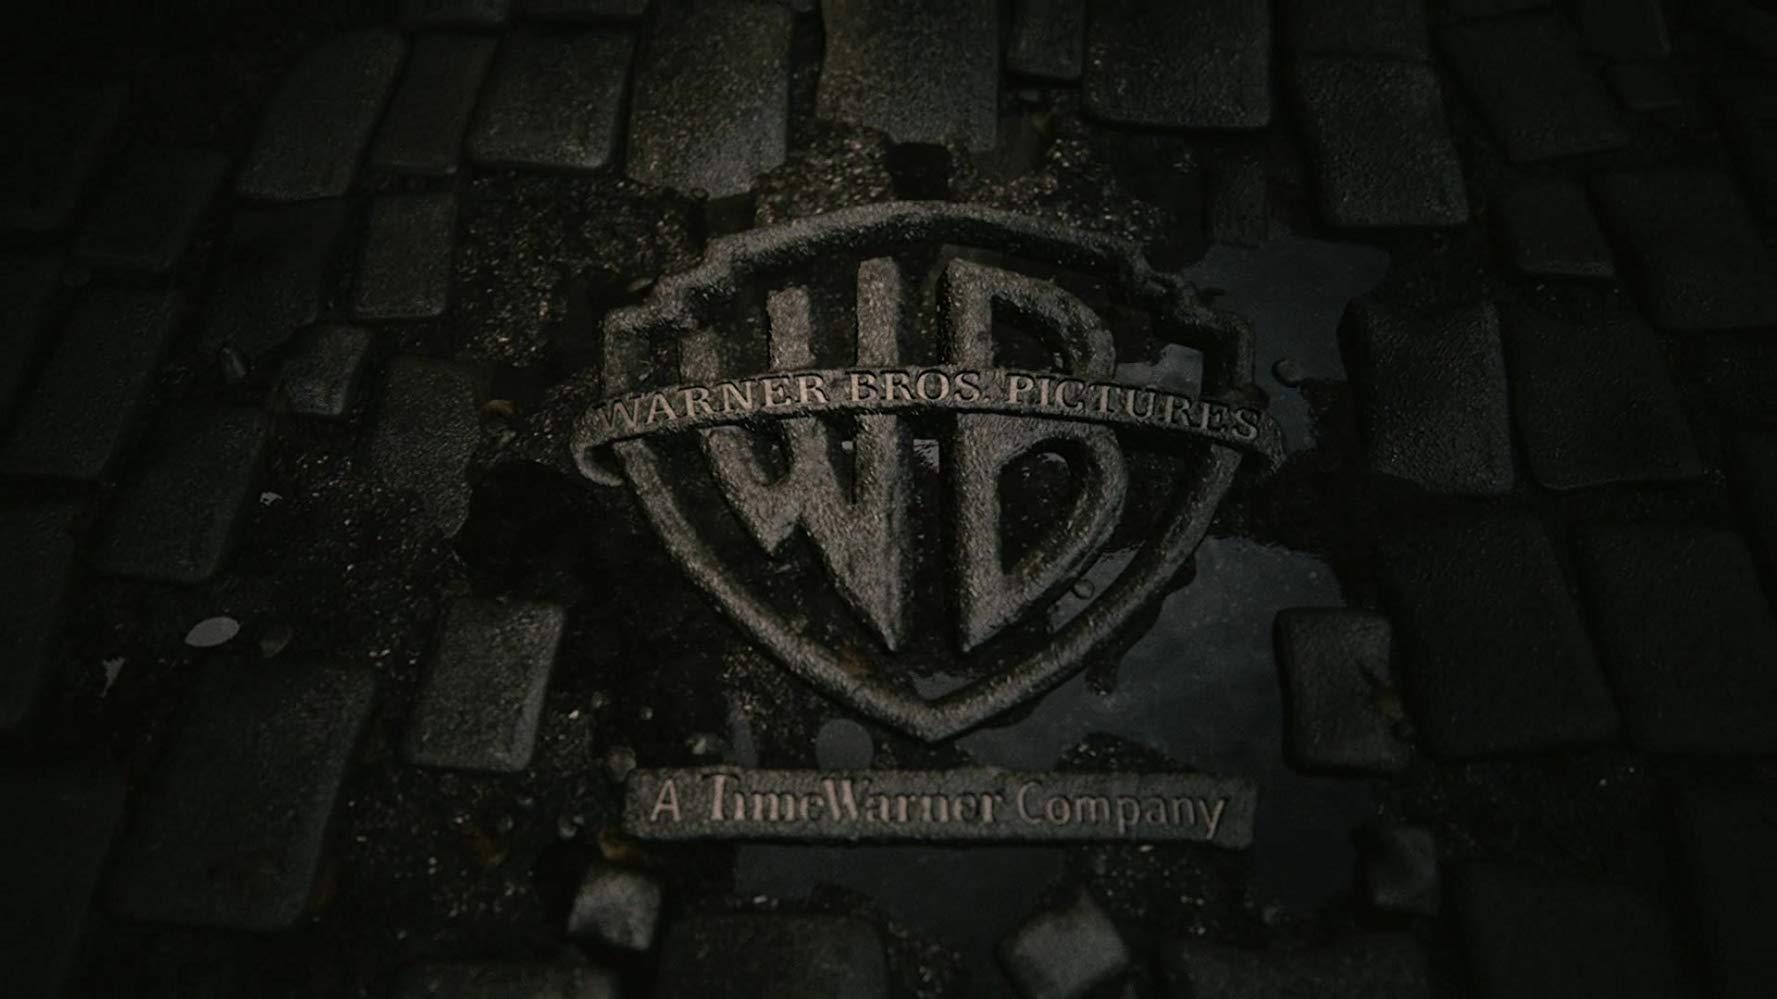 مشاهدة فيلم Sherlock Holmes 2009 HD مترجم كامل اون لاين